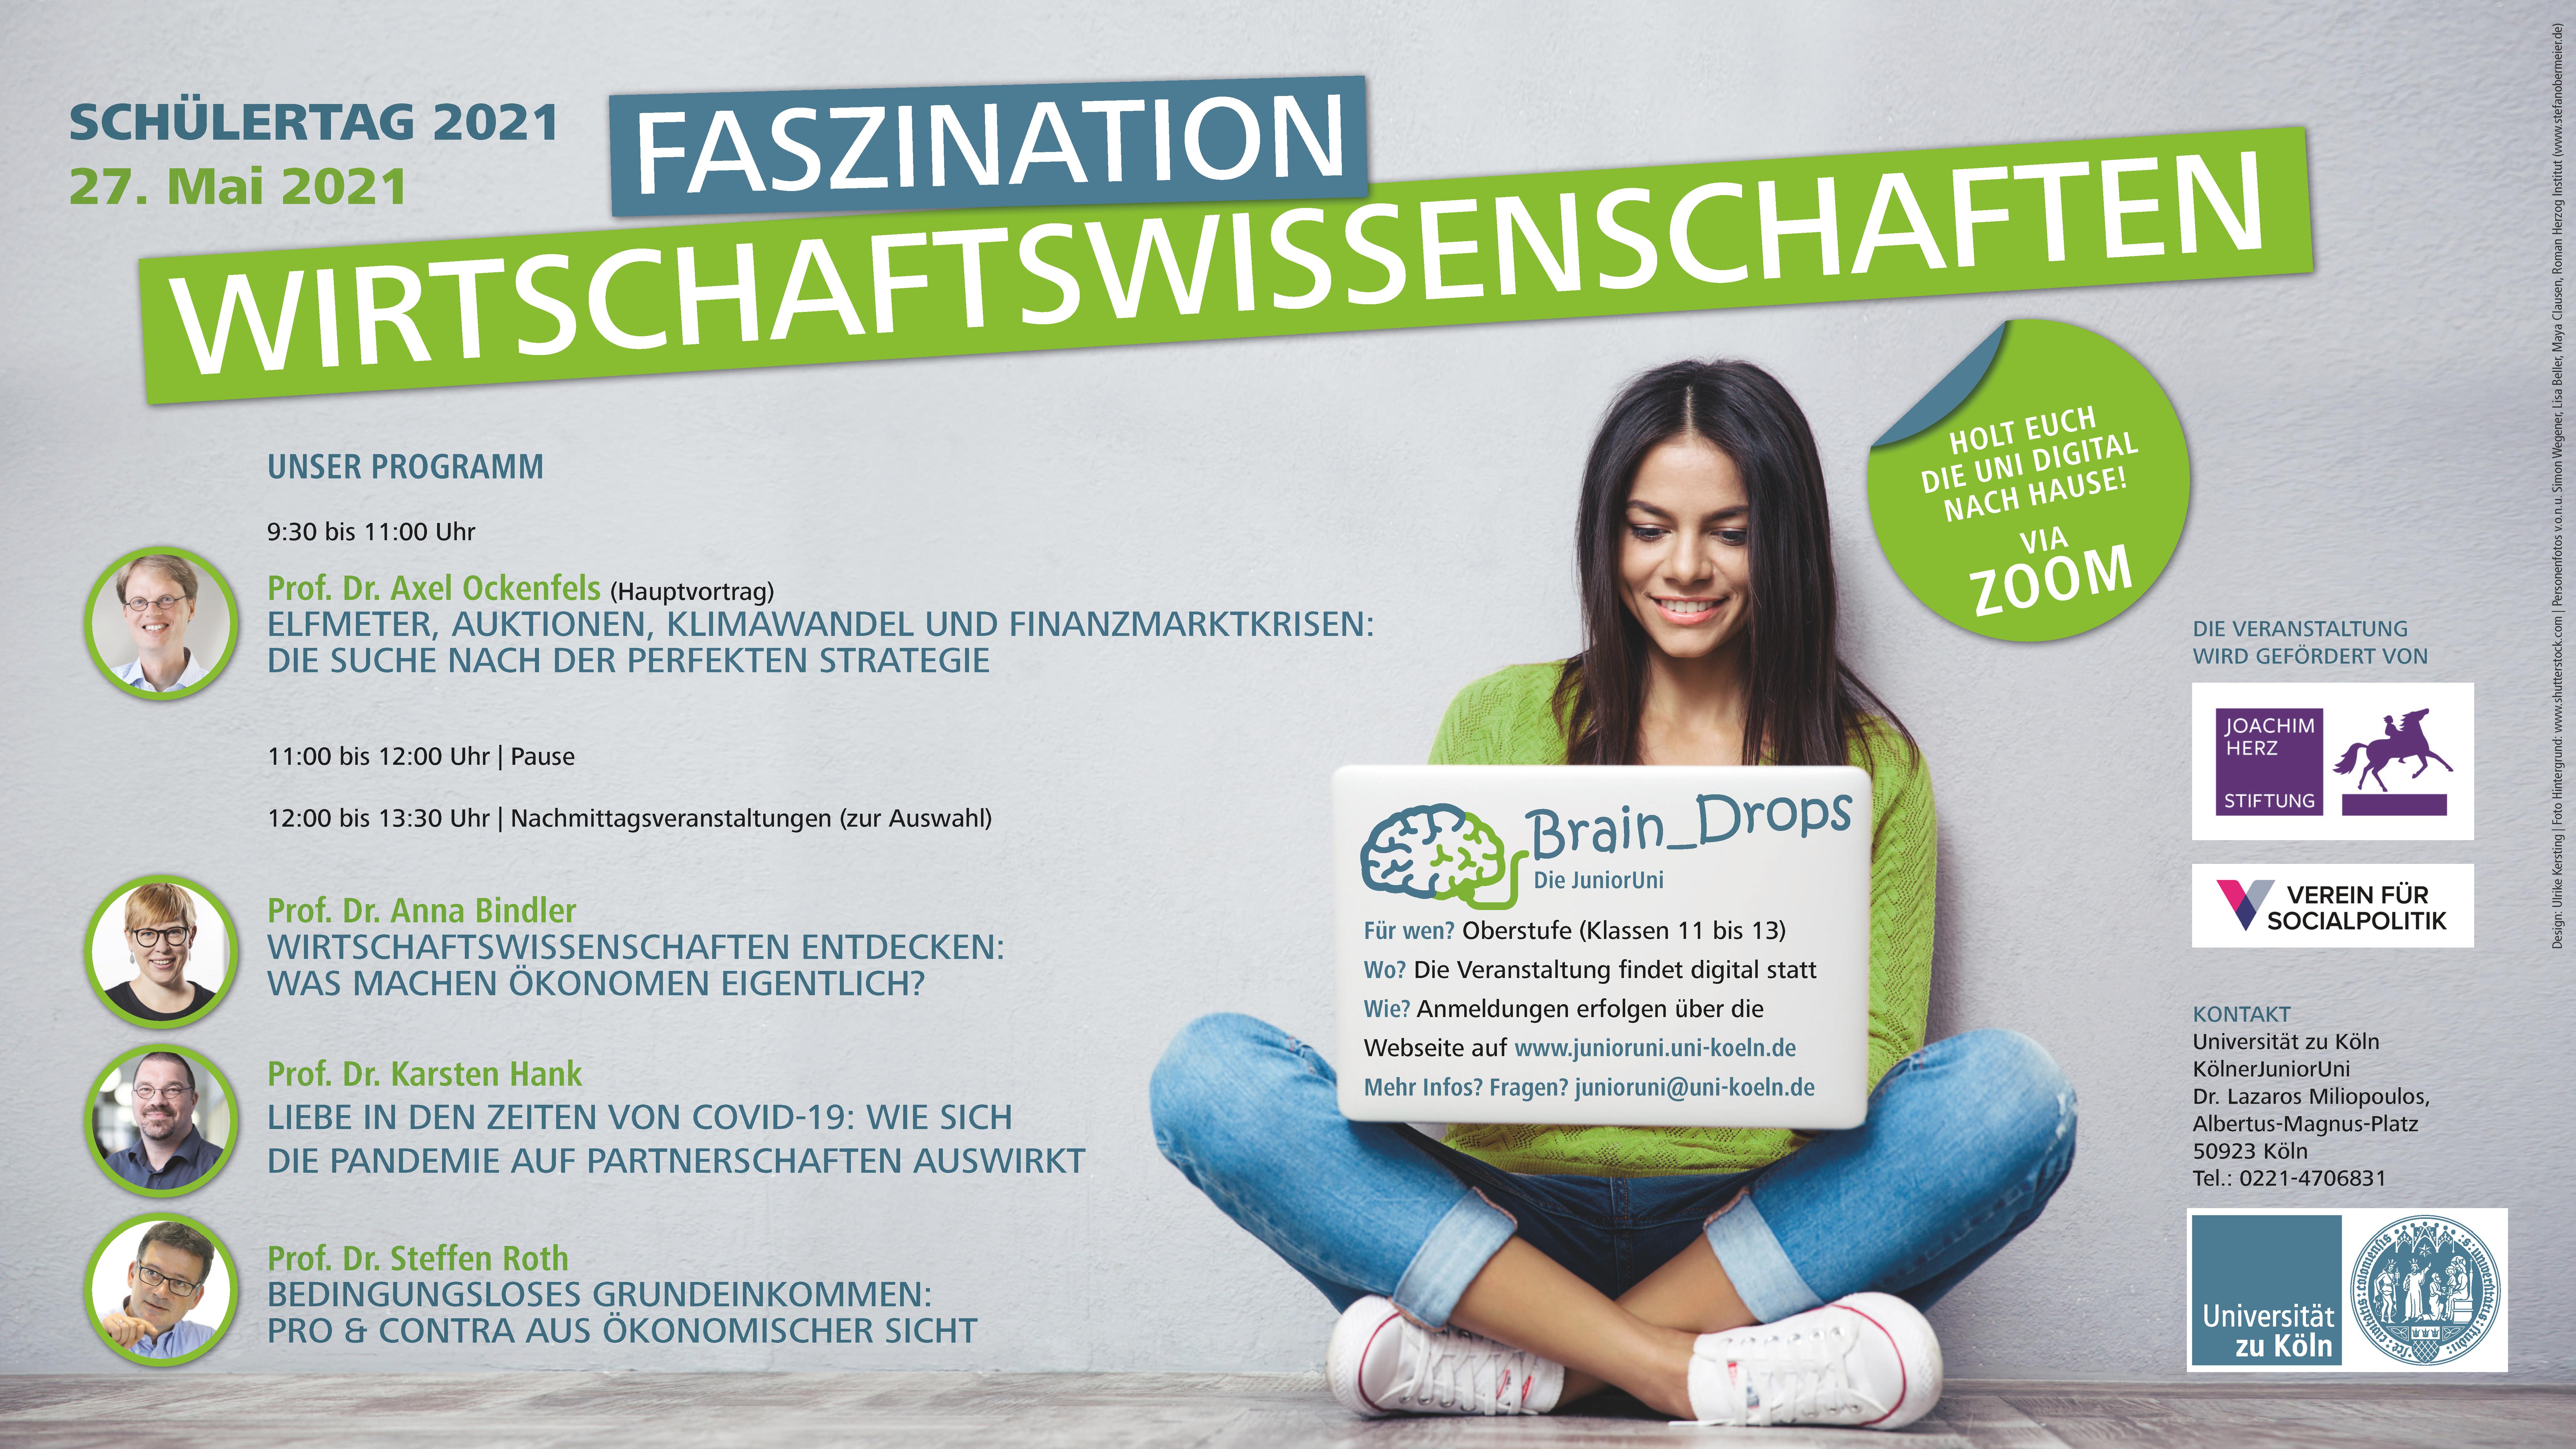 Poster für den digitalen Schüler:innentag am 27. Mai 2021